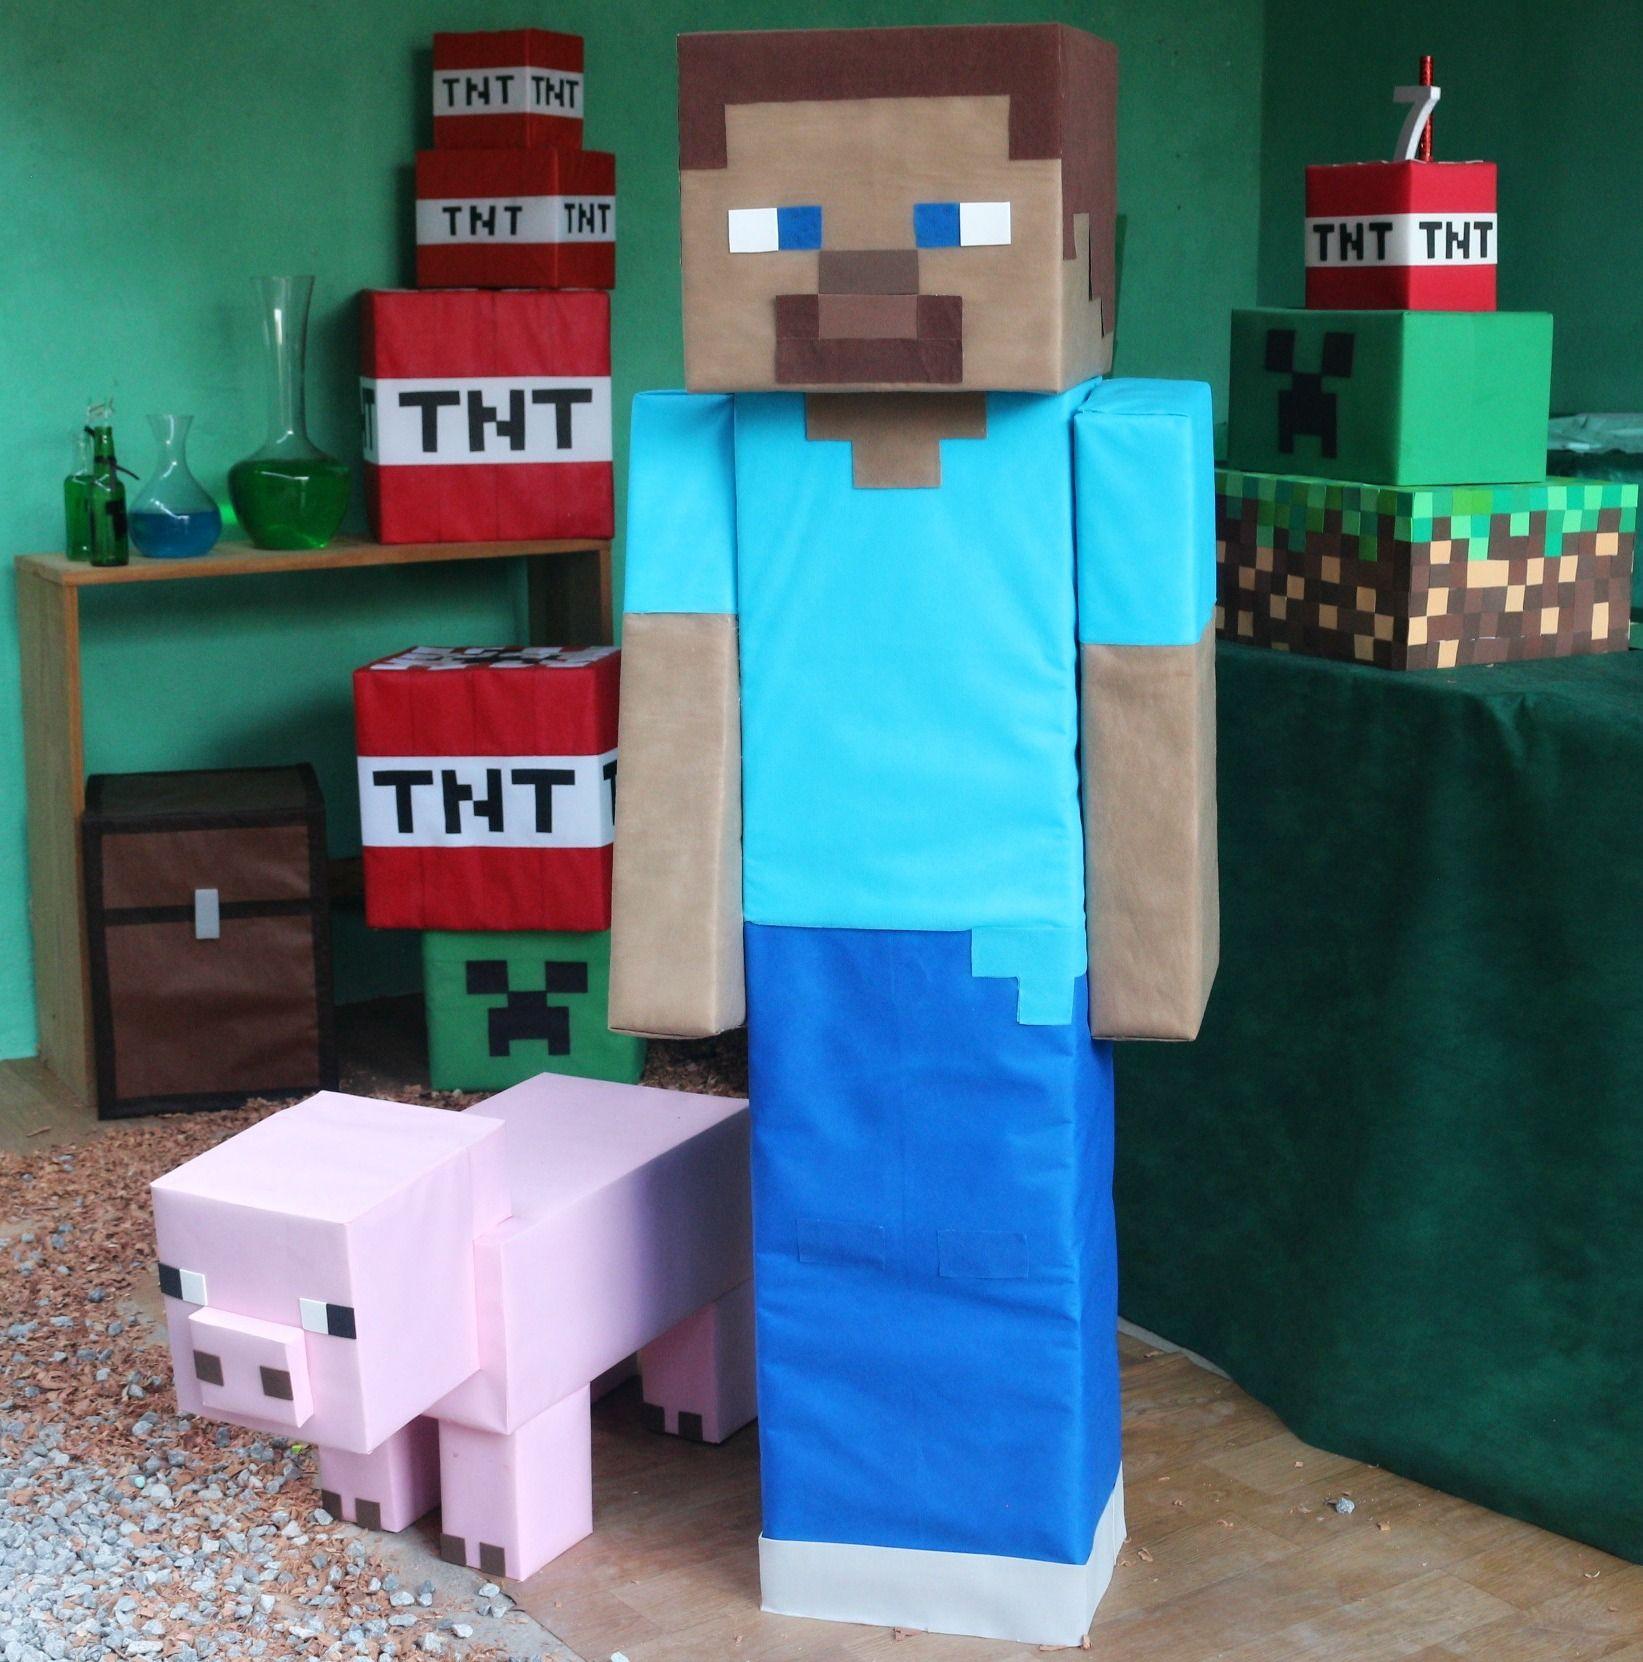 Best 25 Minecraft Ideas On Pinterest: 25+ Ideias Exclusivas De Festa Do Minecraft No Pinterest